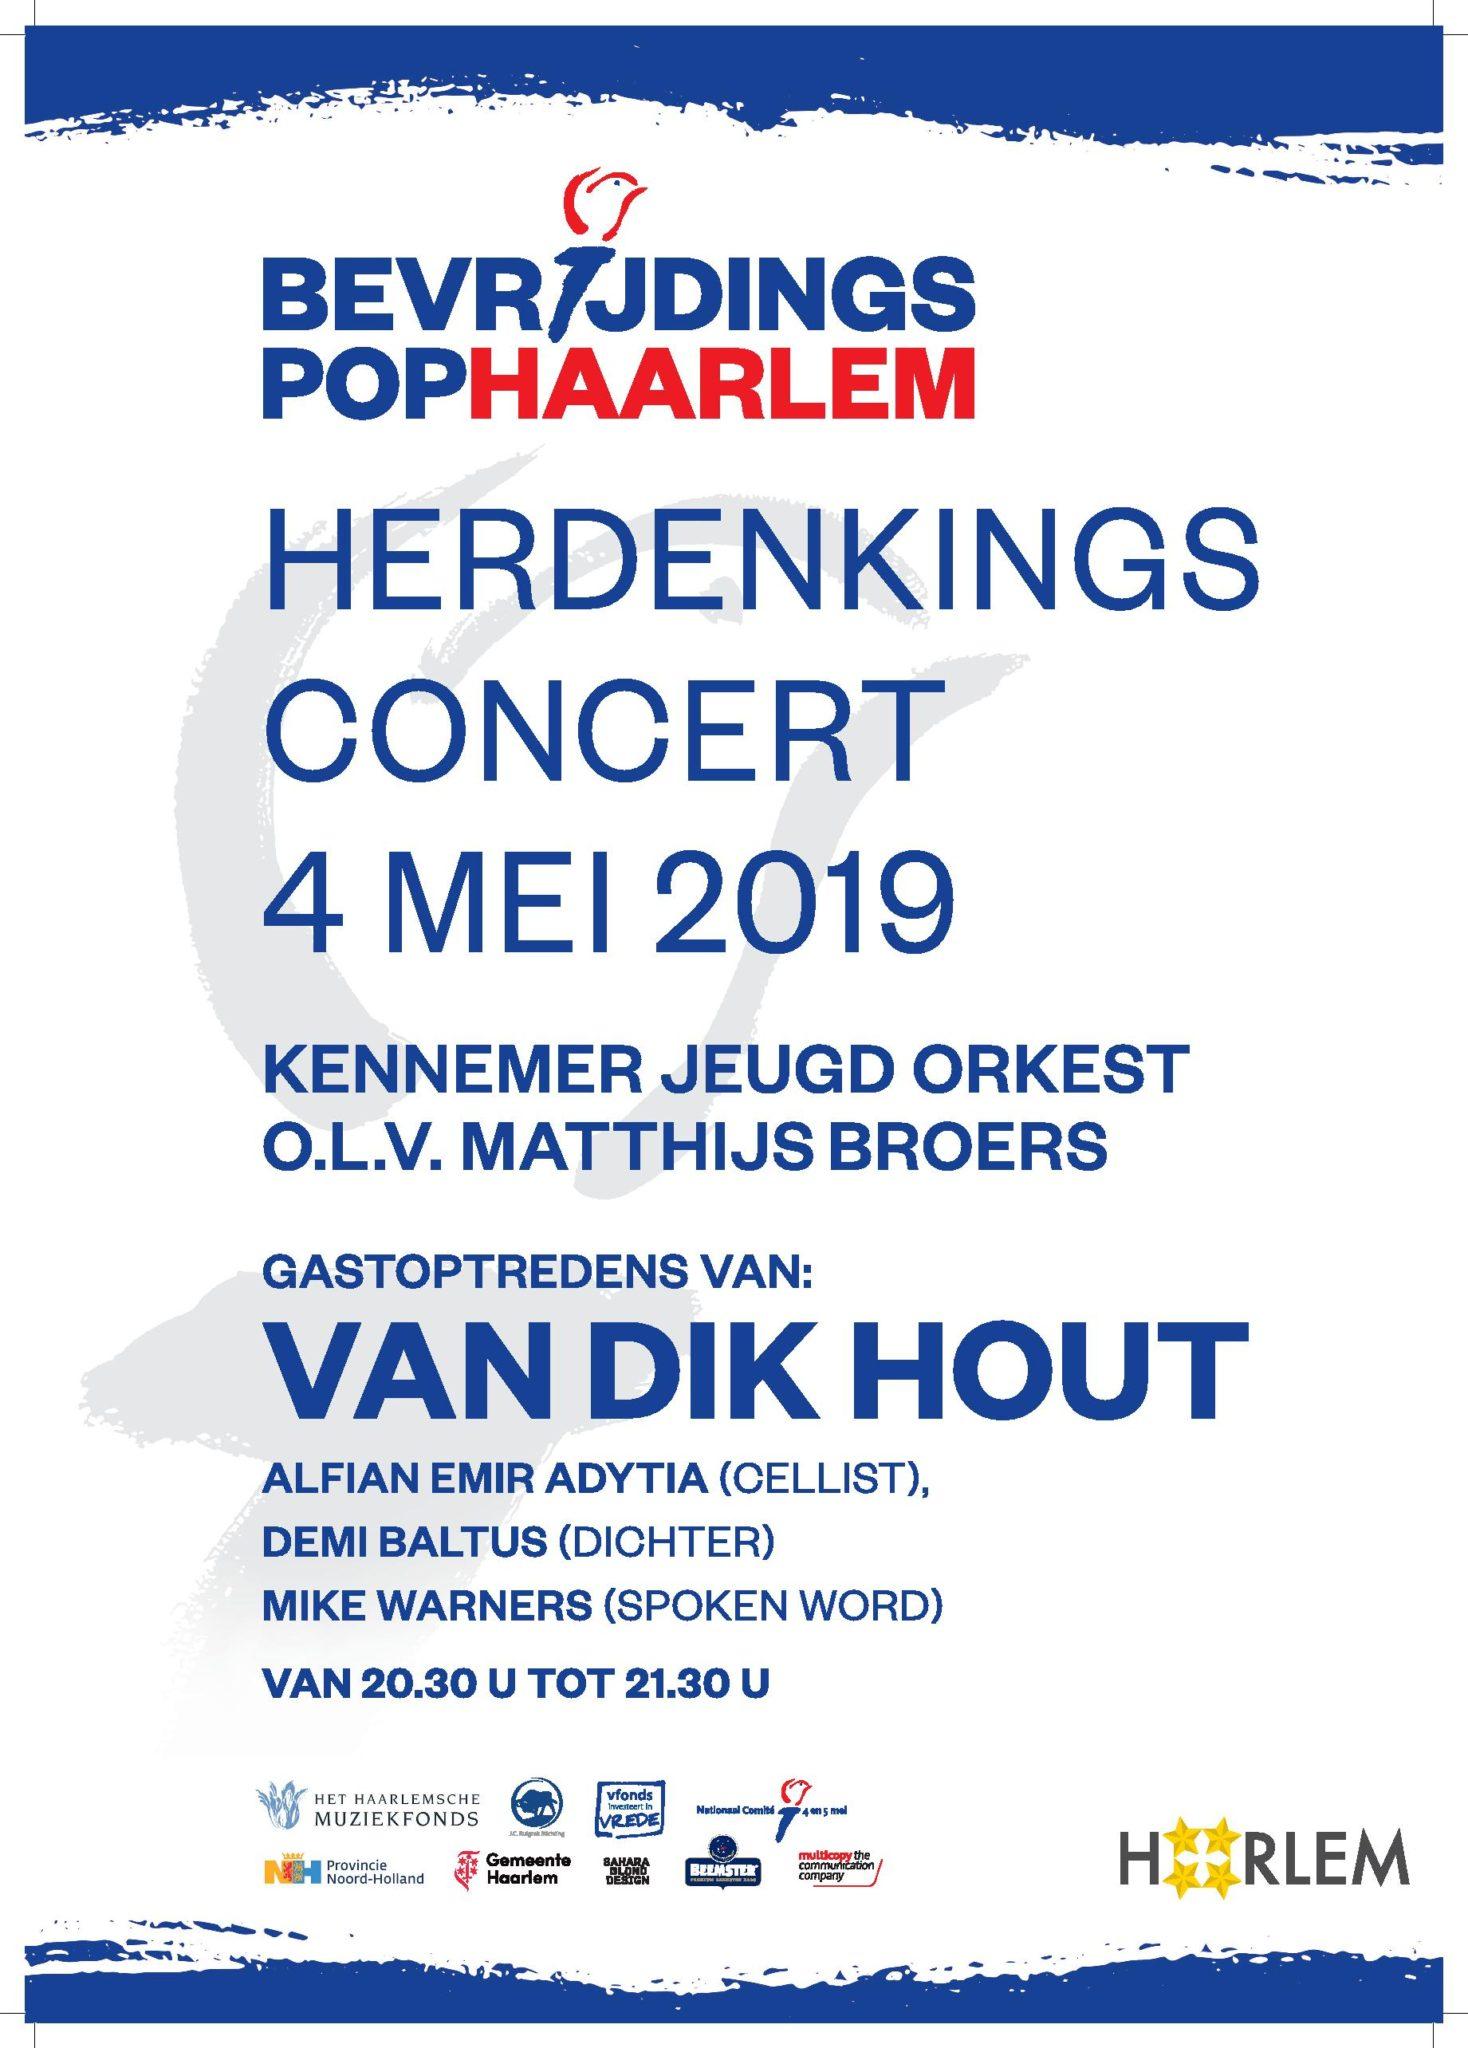 Herdenkingsconcert Haarlemmerhout 2019